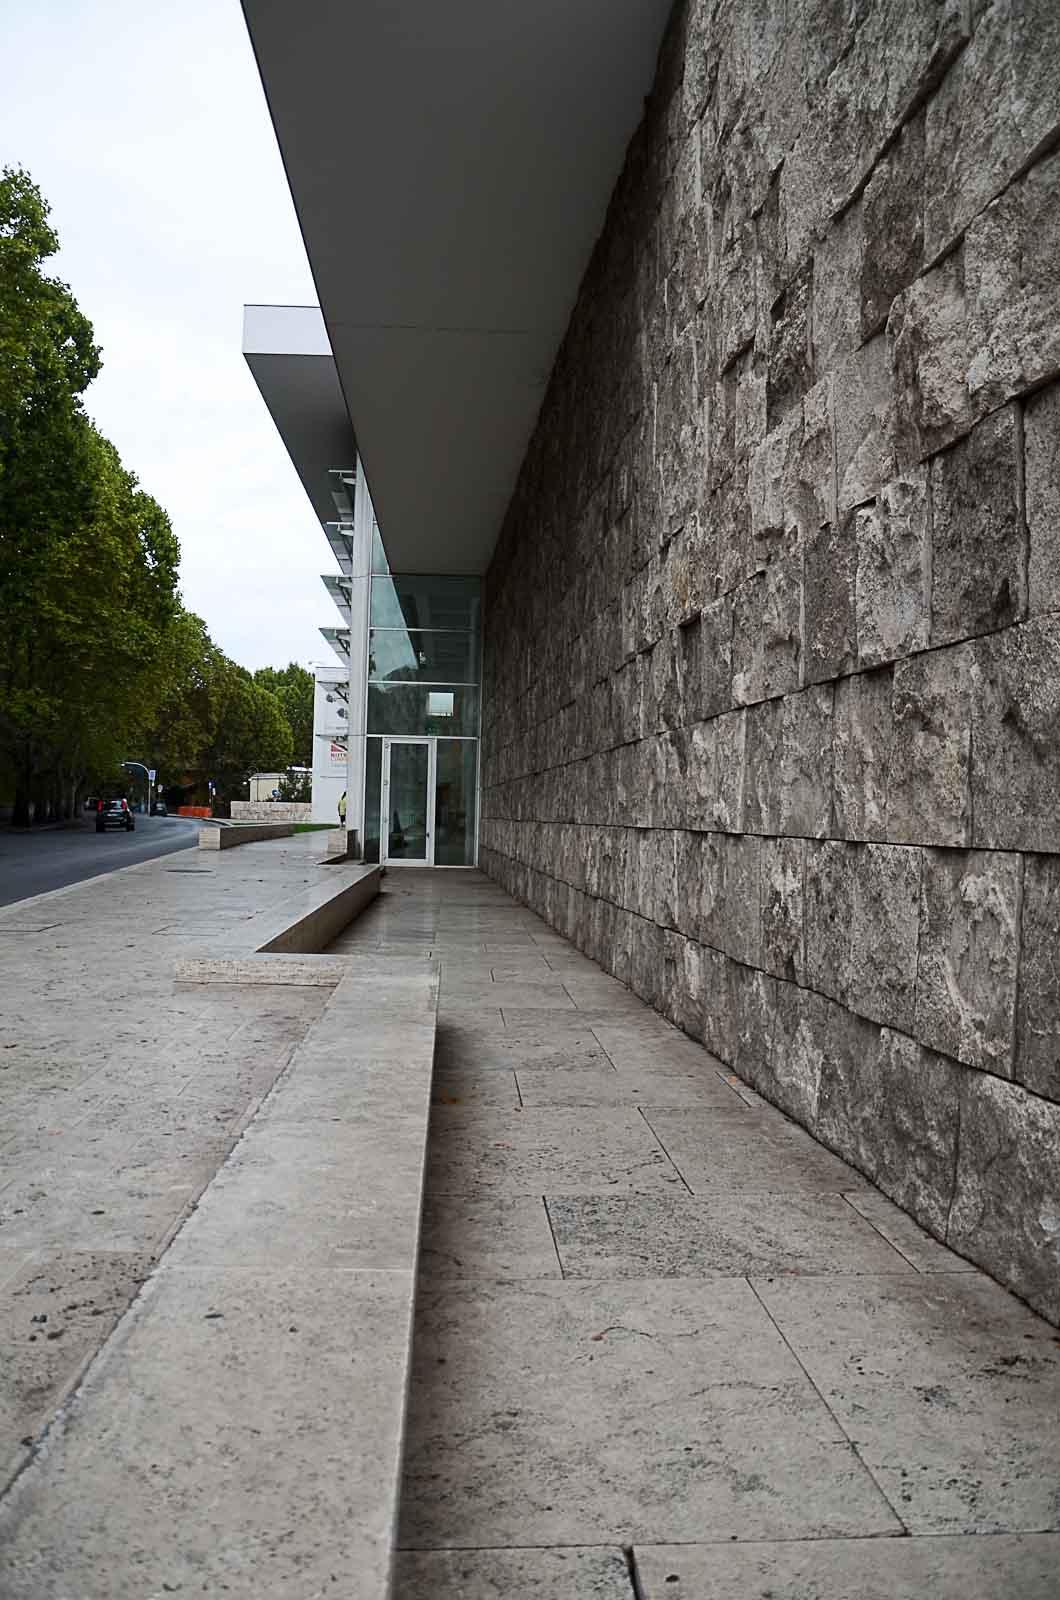 Italienisch Travertin Beschichtungen Architektur von Richard Meier ara Pacis Museum in Roma